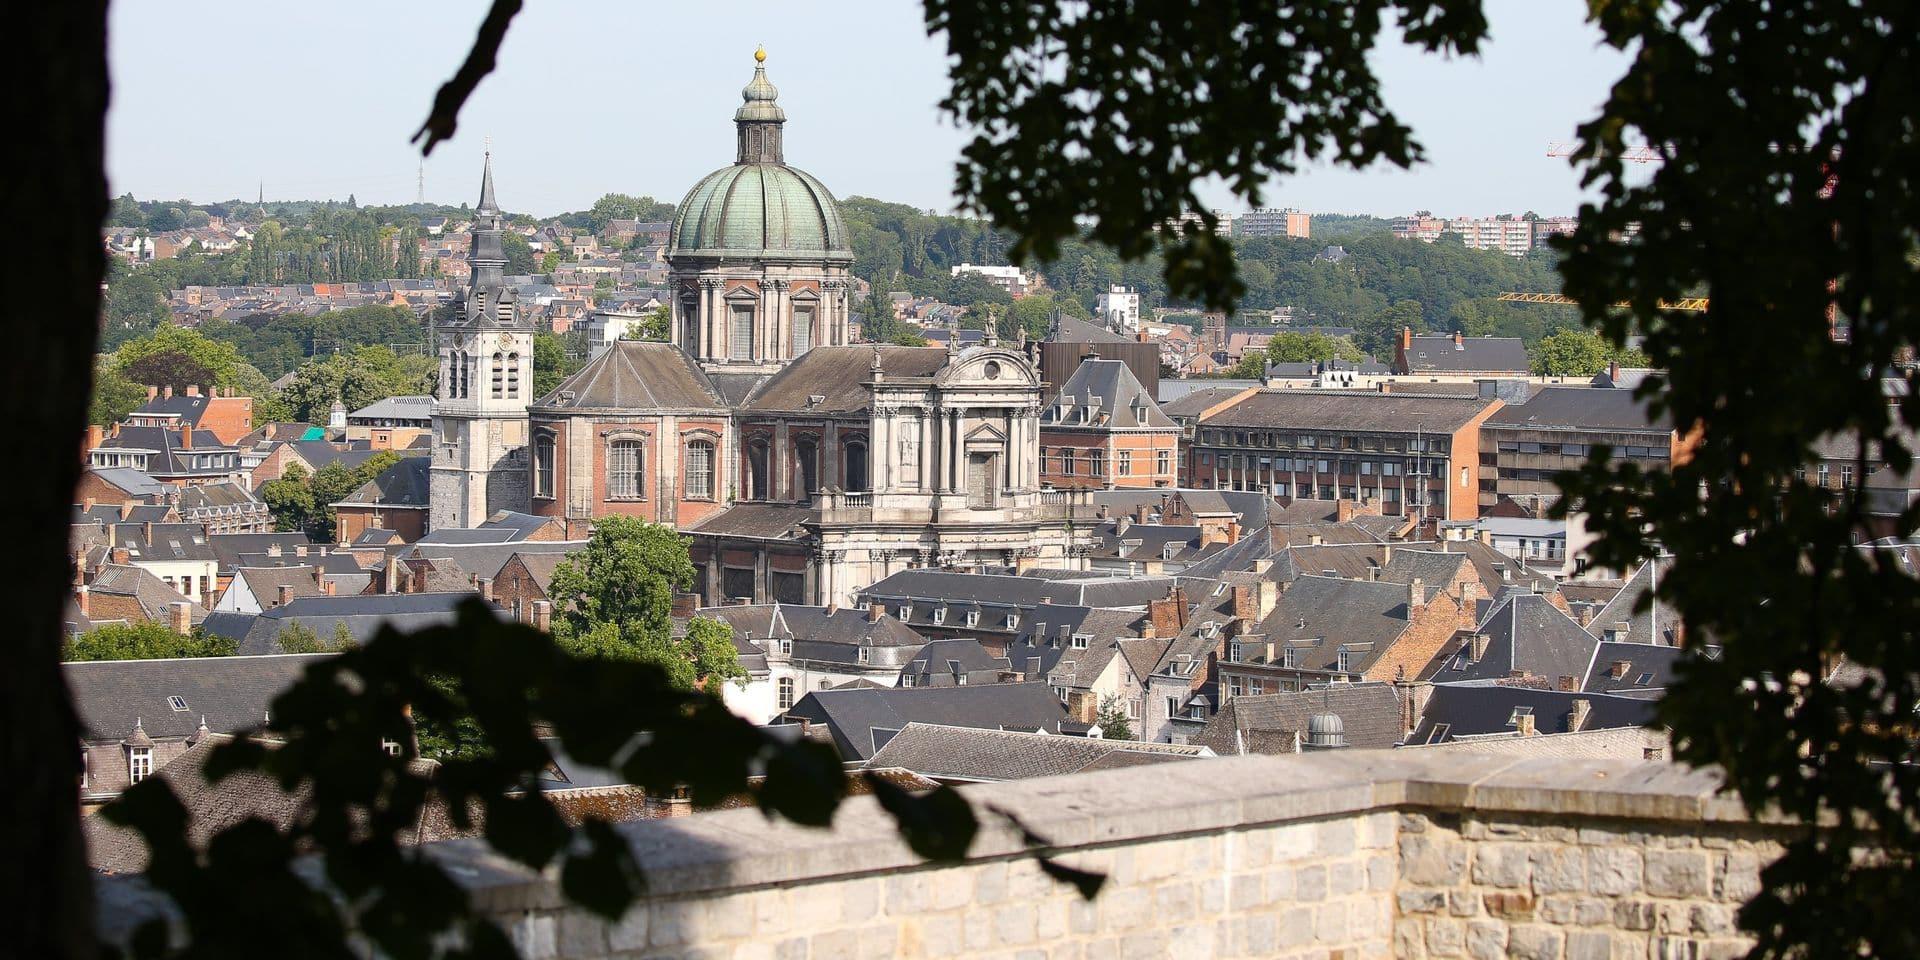 Covid : la ville de Namur octroirera plus de 2 millions d'euros d'aides exceptionnelles supplémentaires